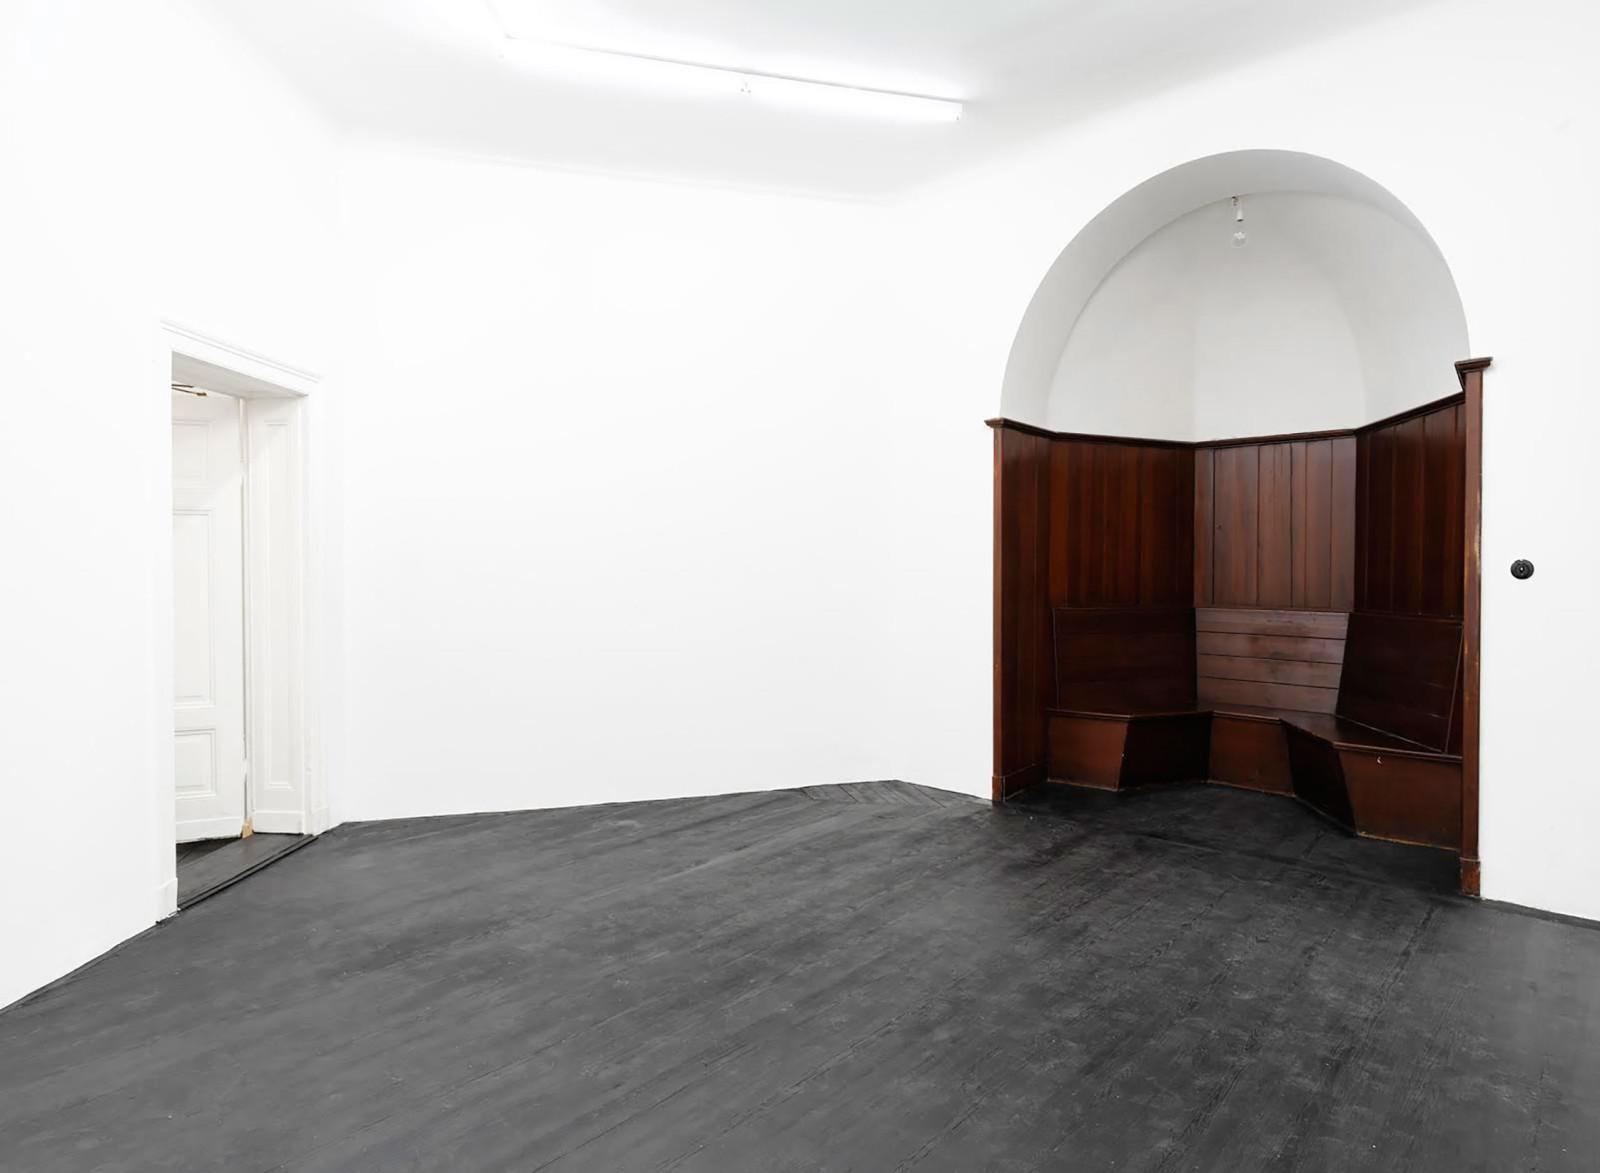 Galerie Isabella Bortolozzi, Berlin, 2010 Photo: Michel Bonvin